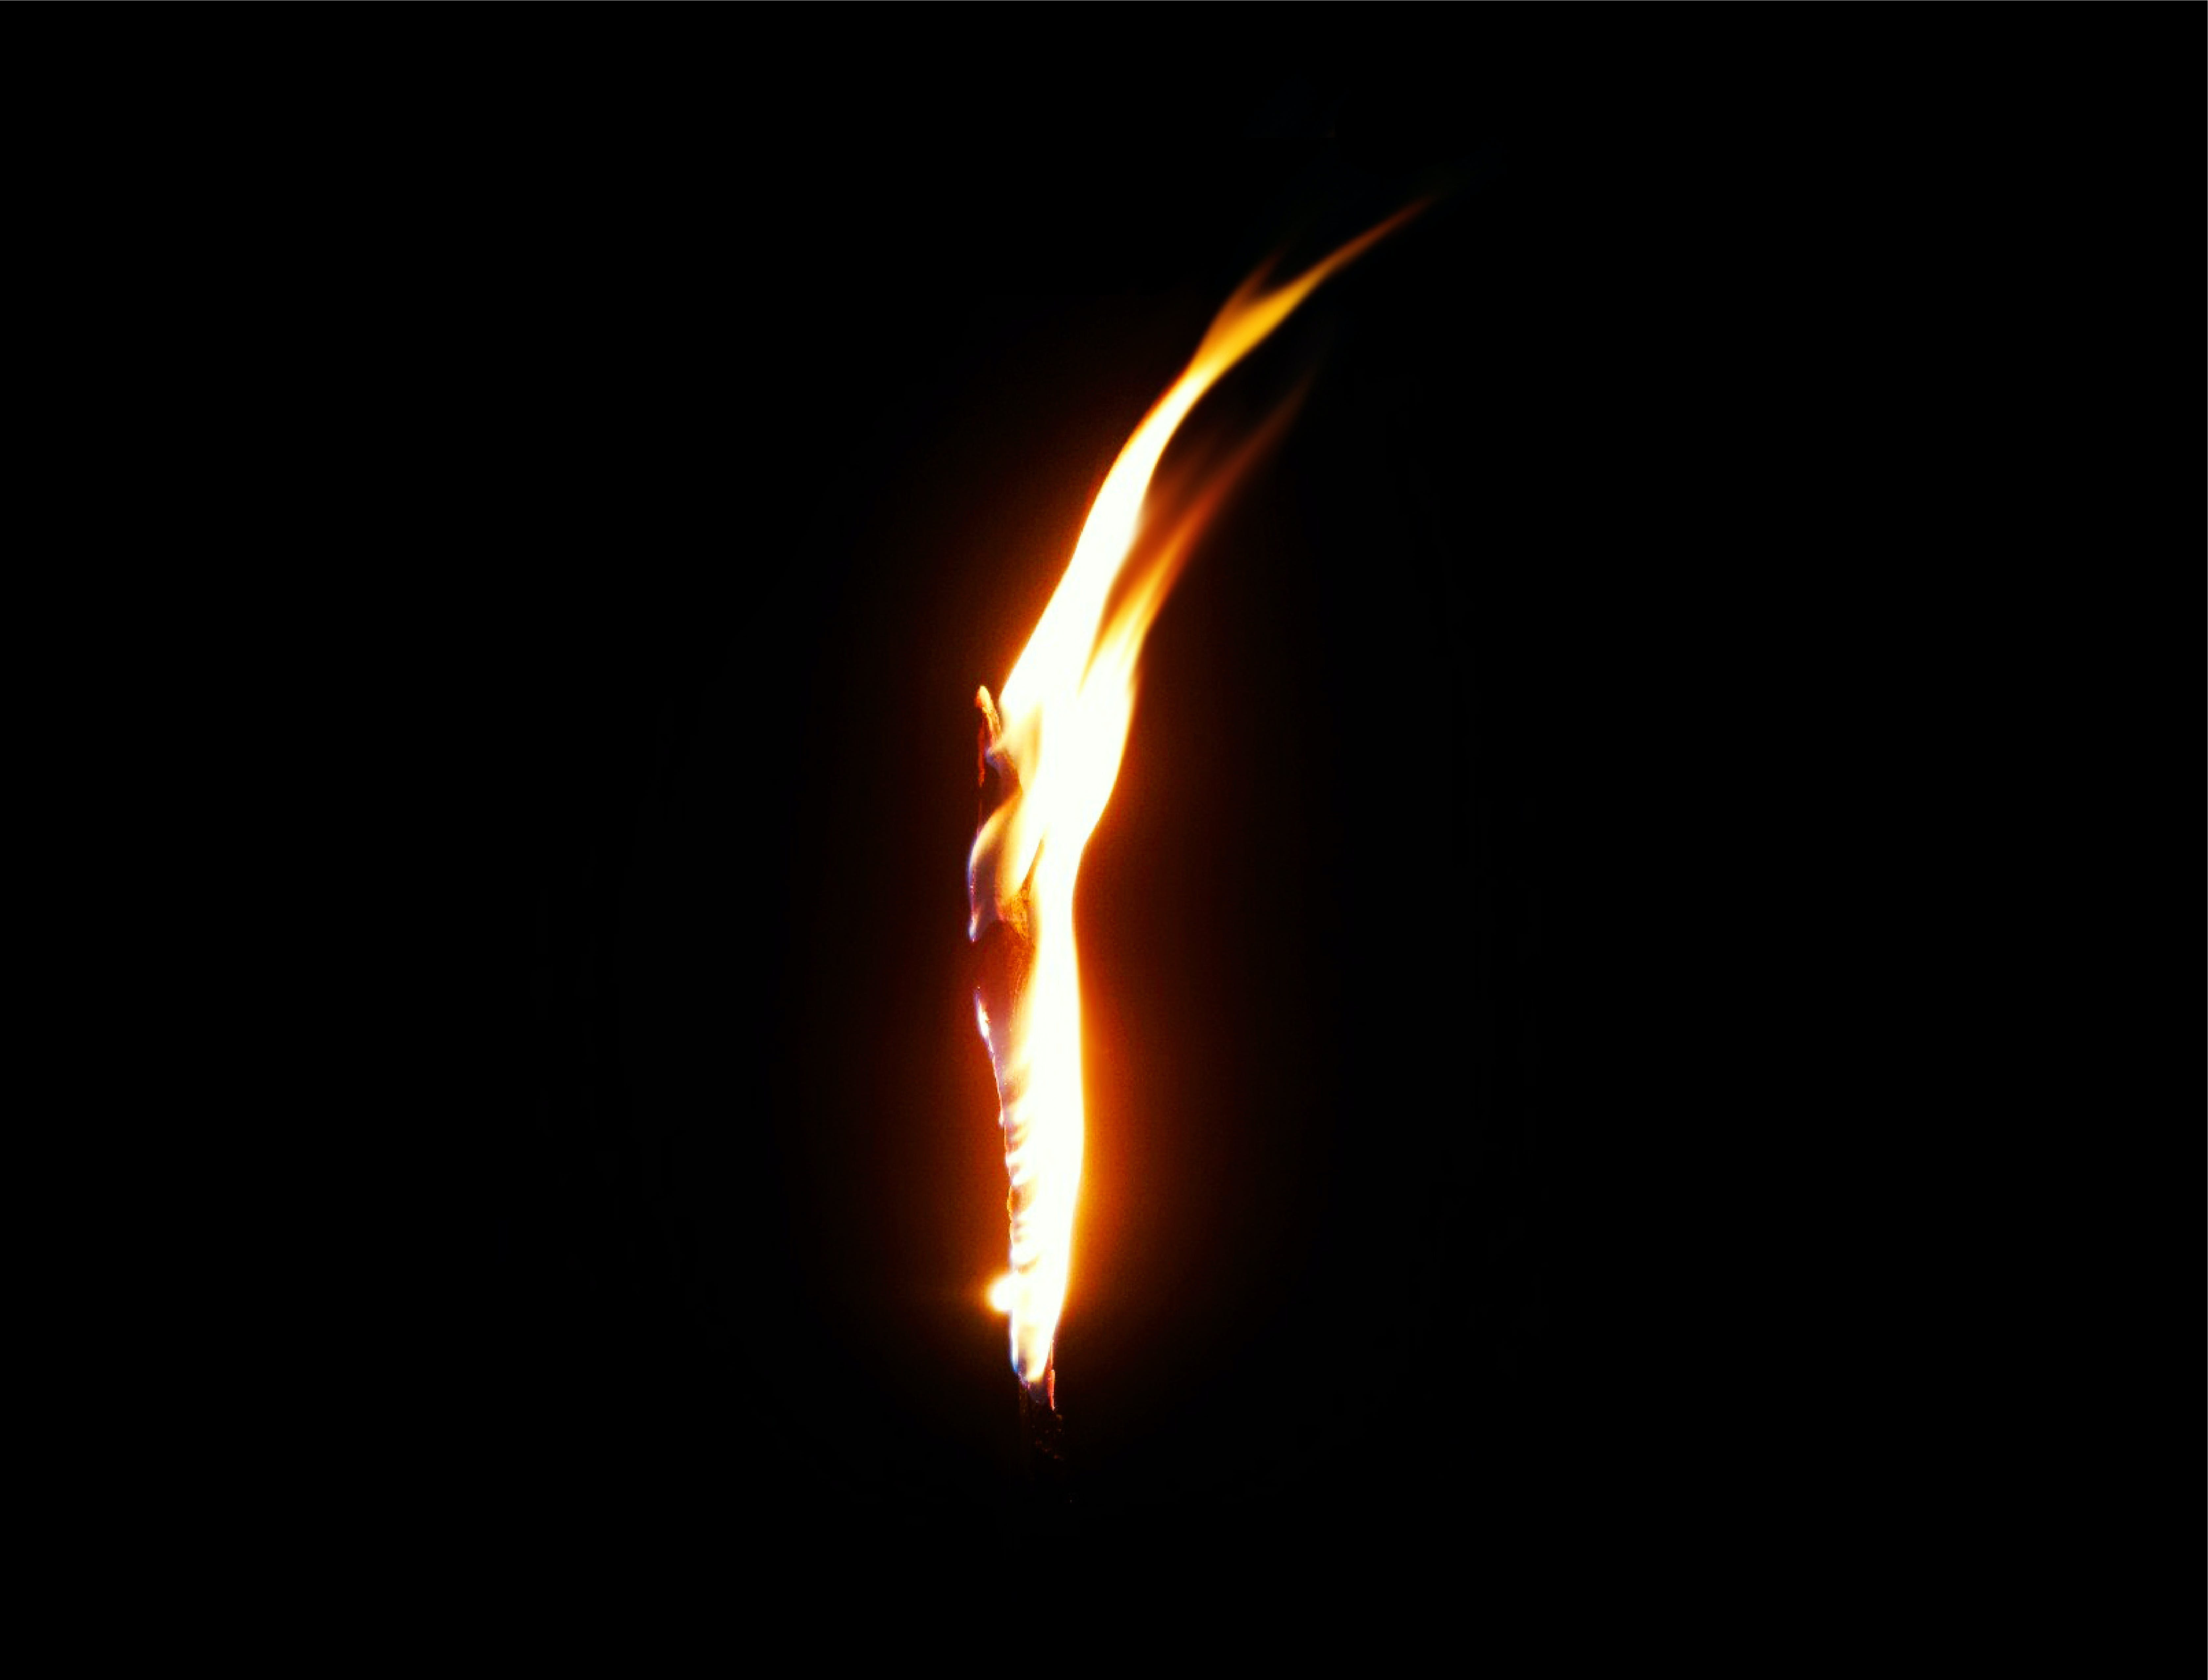 Δωρεάν στοκ φωτογραφιών με ελαφρύς, φλόγα, φωτιά